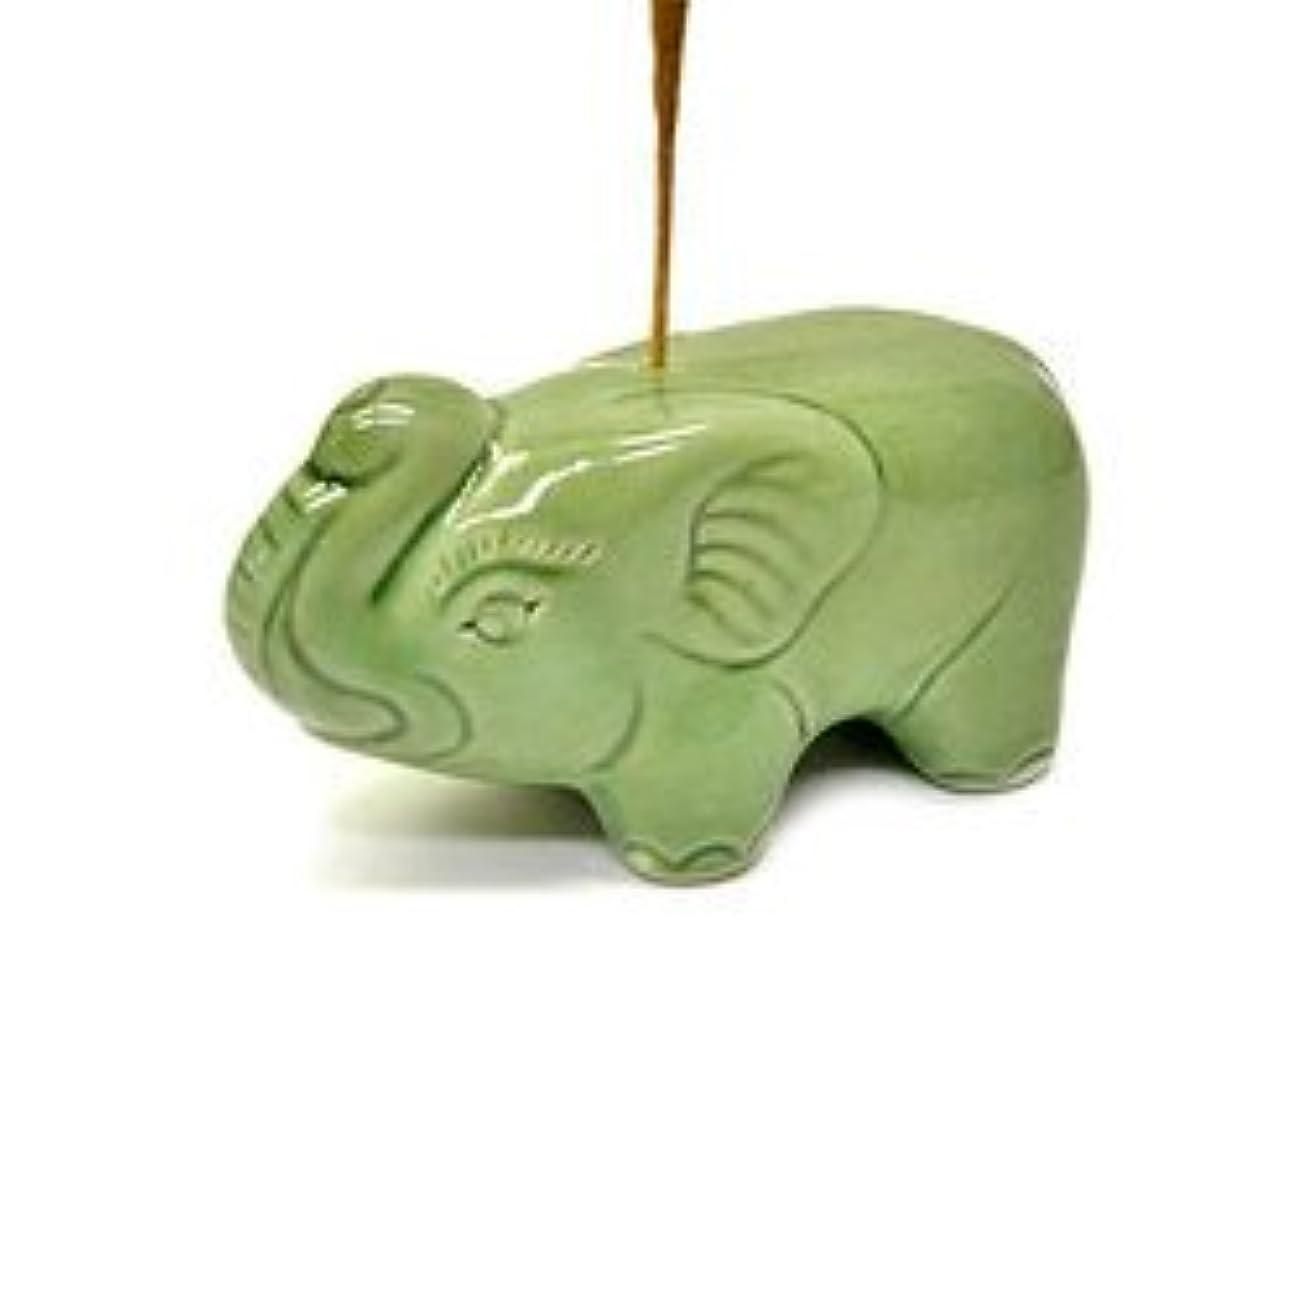 感動するラウズ物理学者象さんのお香立て <緑> インセンスホルダー/スティックタイプ用お香立て?お香たて アジアン雑貨